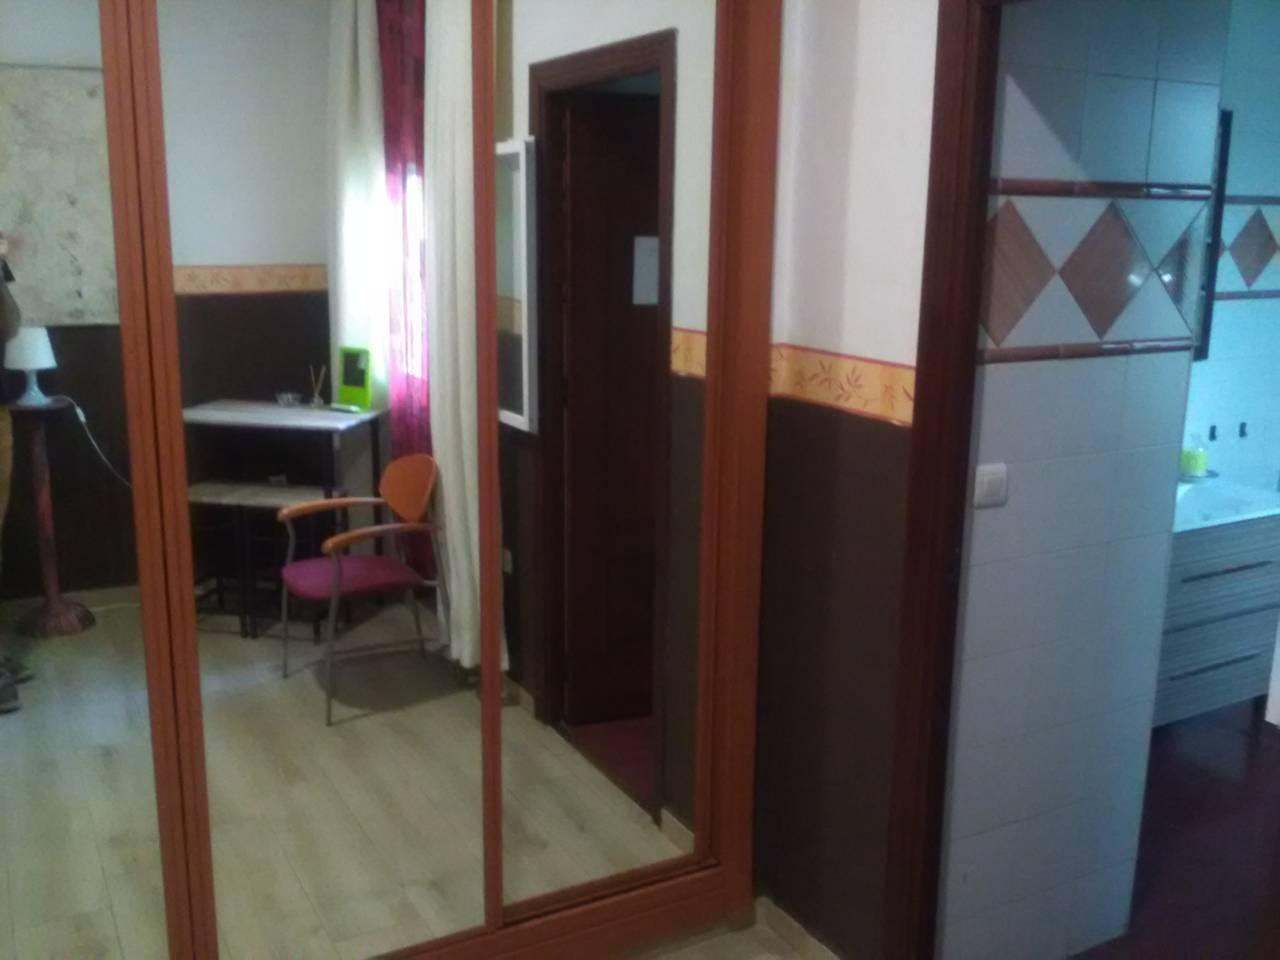 Alquiler habitación con baño privado en casa particular  - Foto 2